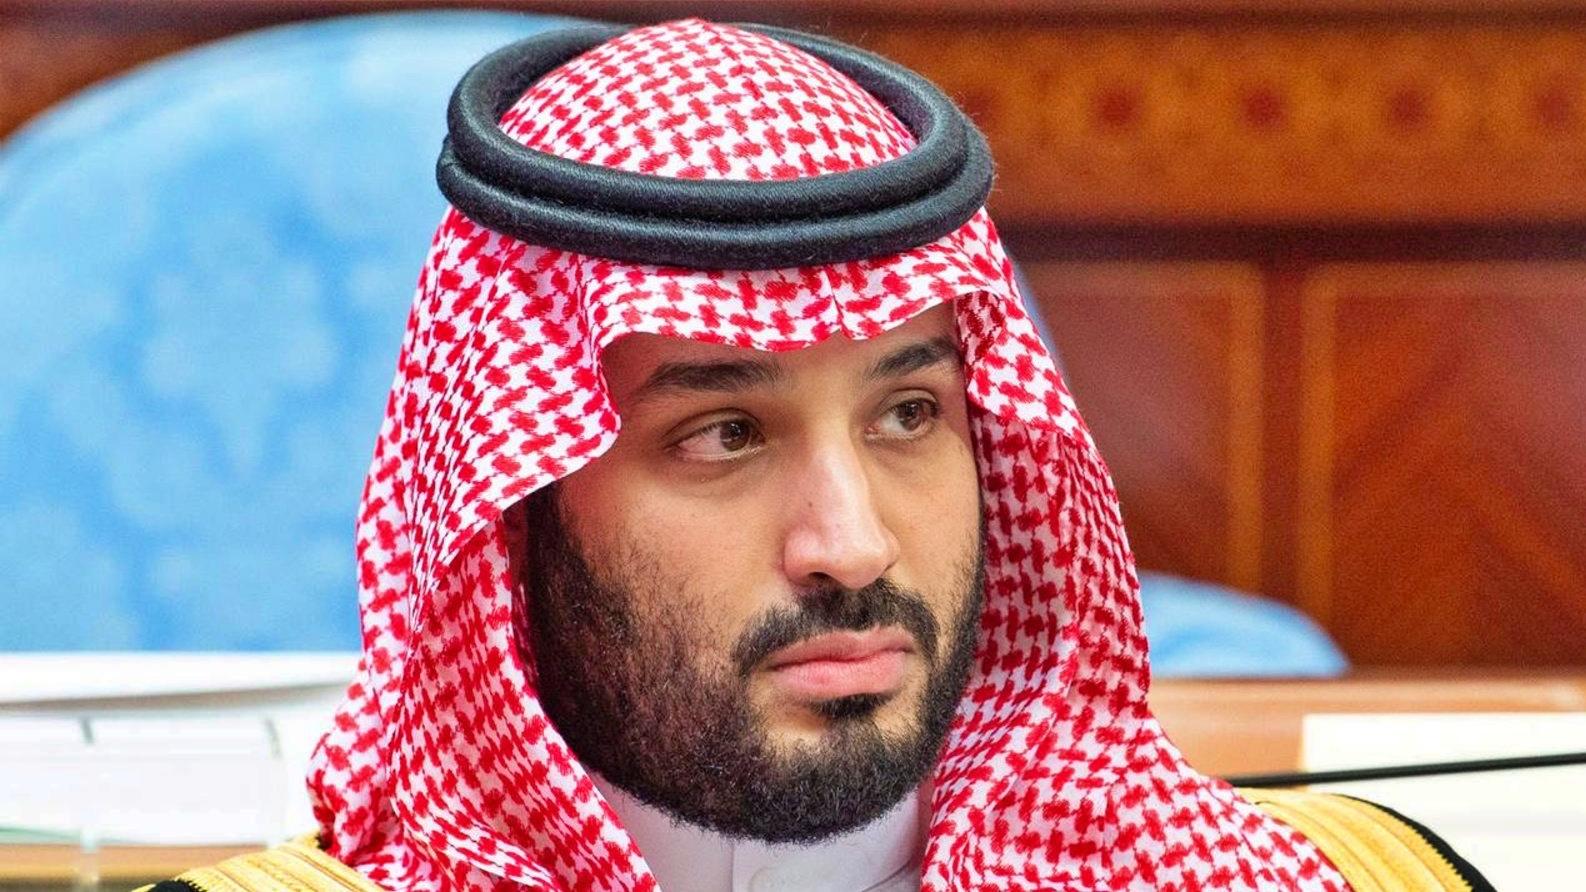 السعودية نيوز |  القمة العالمية للذكاء الصناعي بالسعودية أكتوبر المقبل